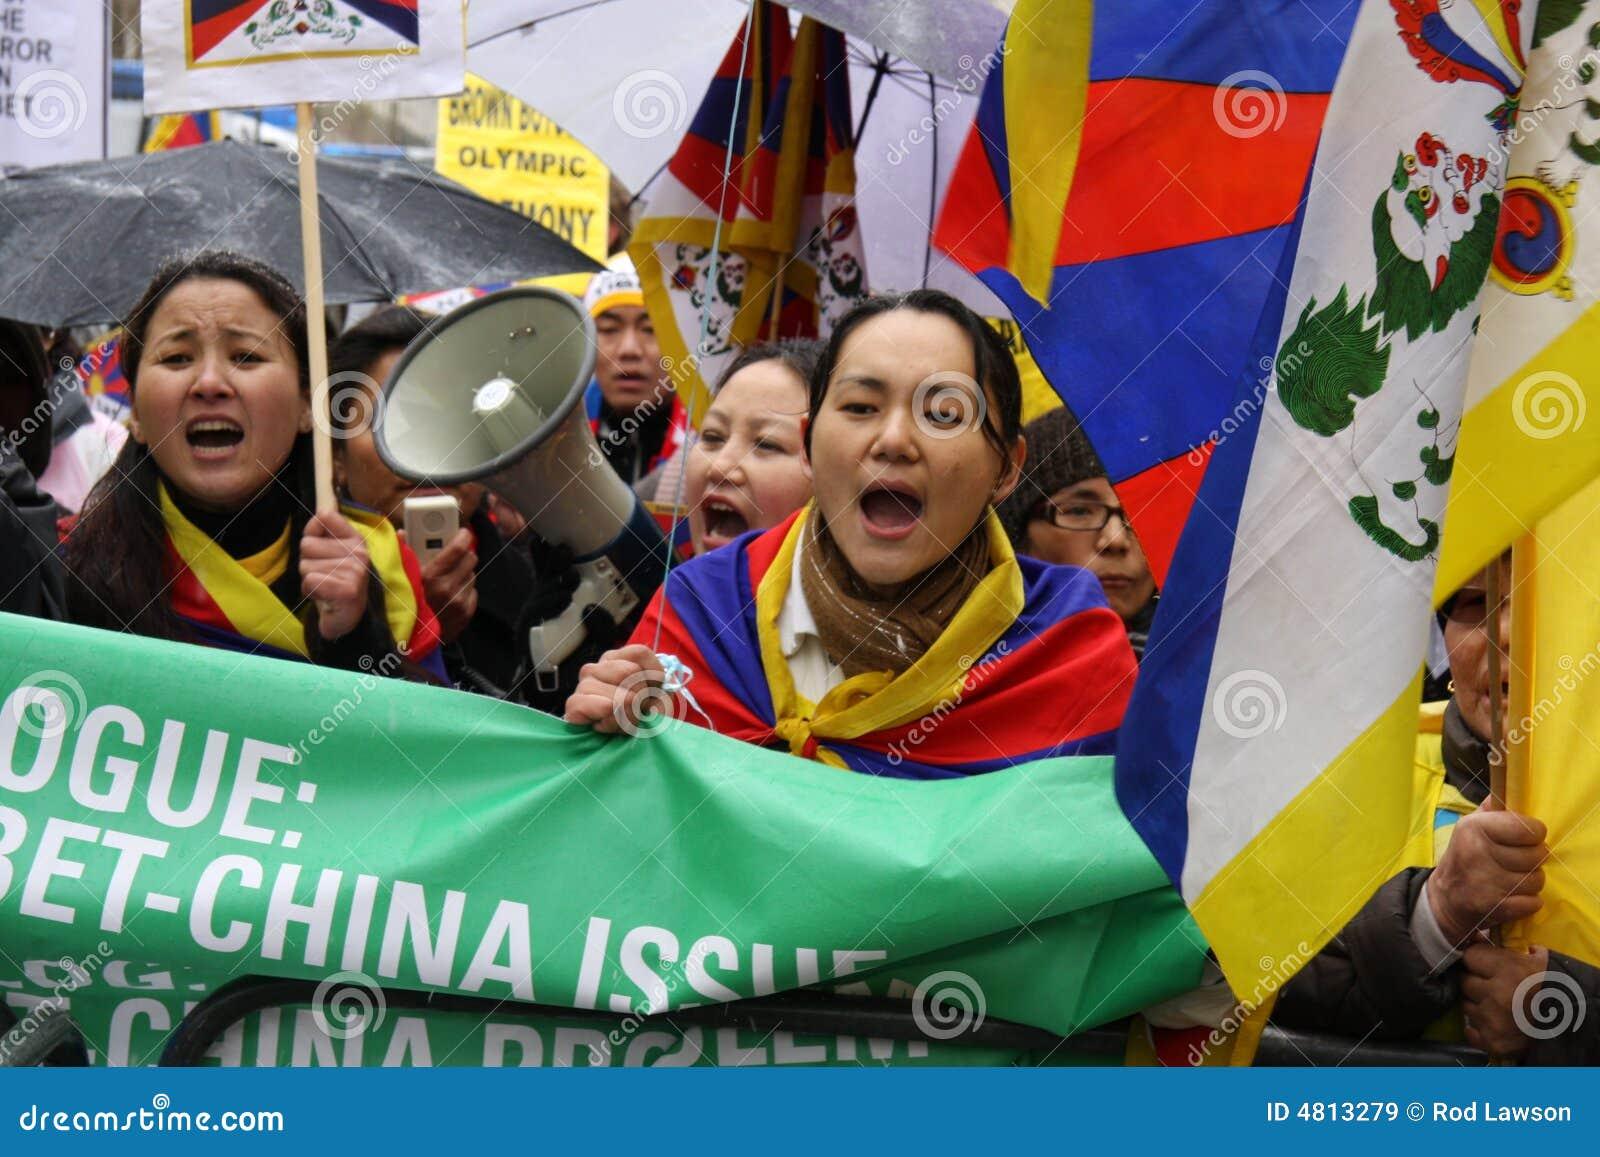 London 2 parady Tibet pochodnia olimpijska wolna